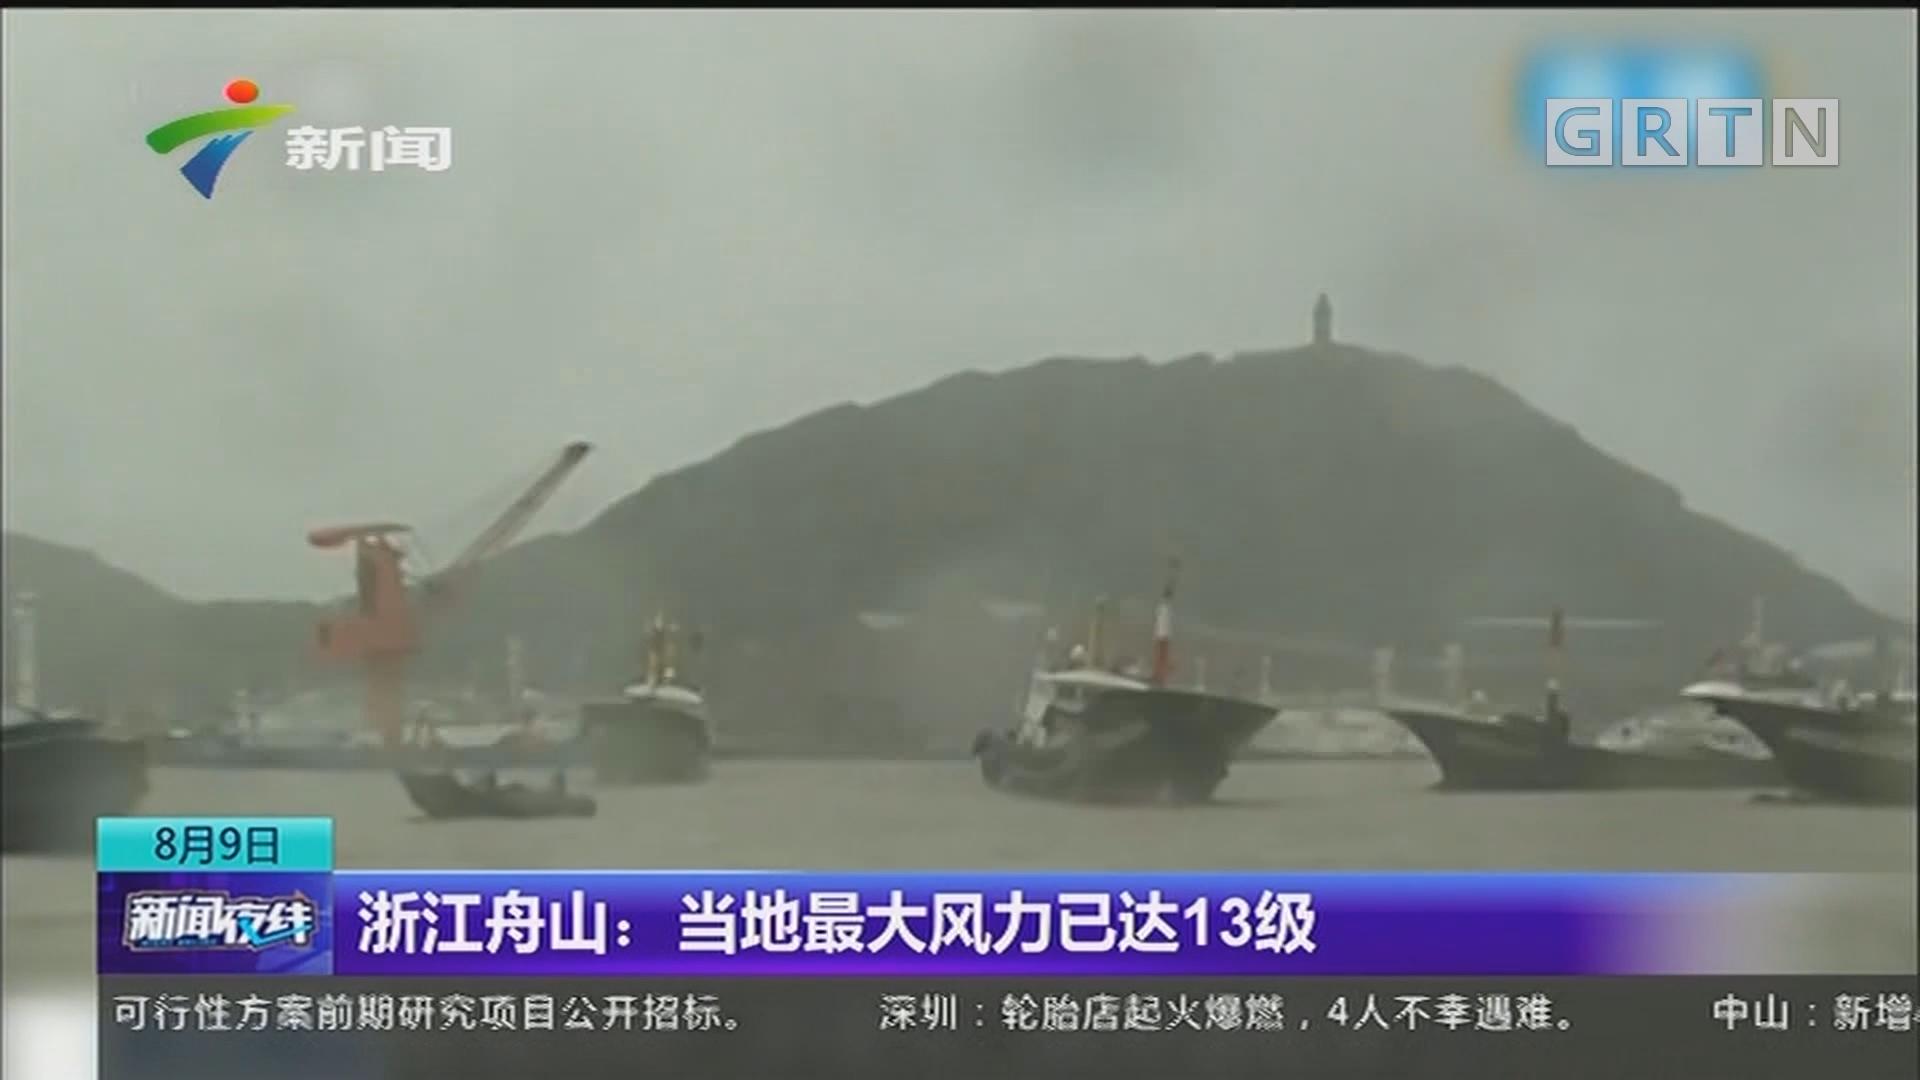 浙江舟山:当地最大风力已达13级